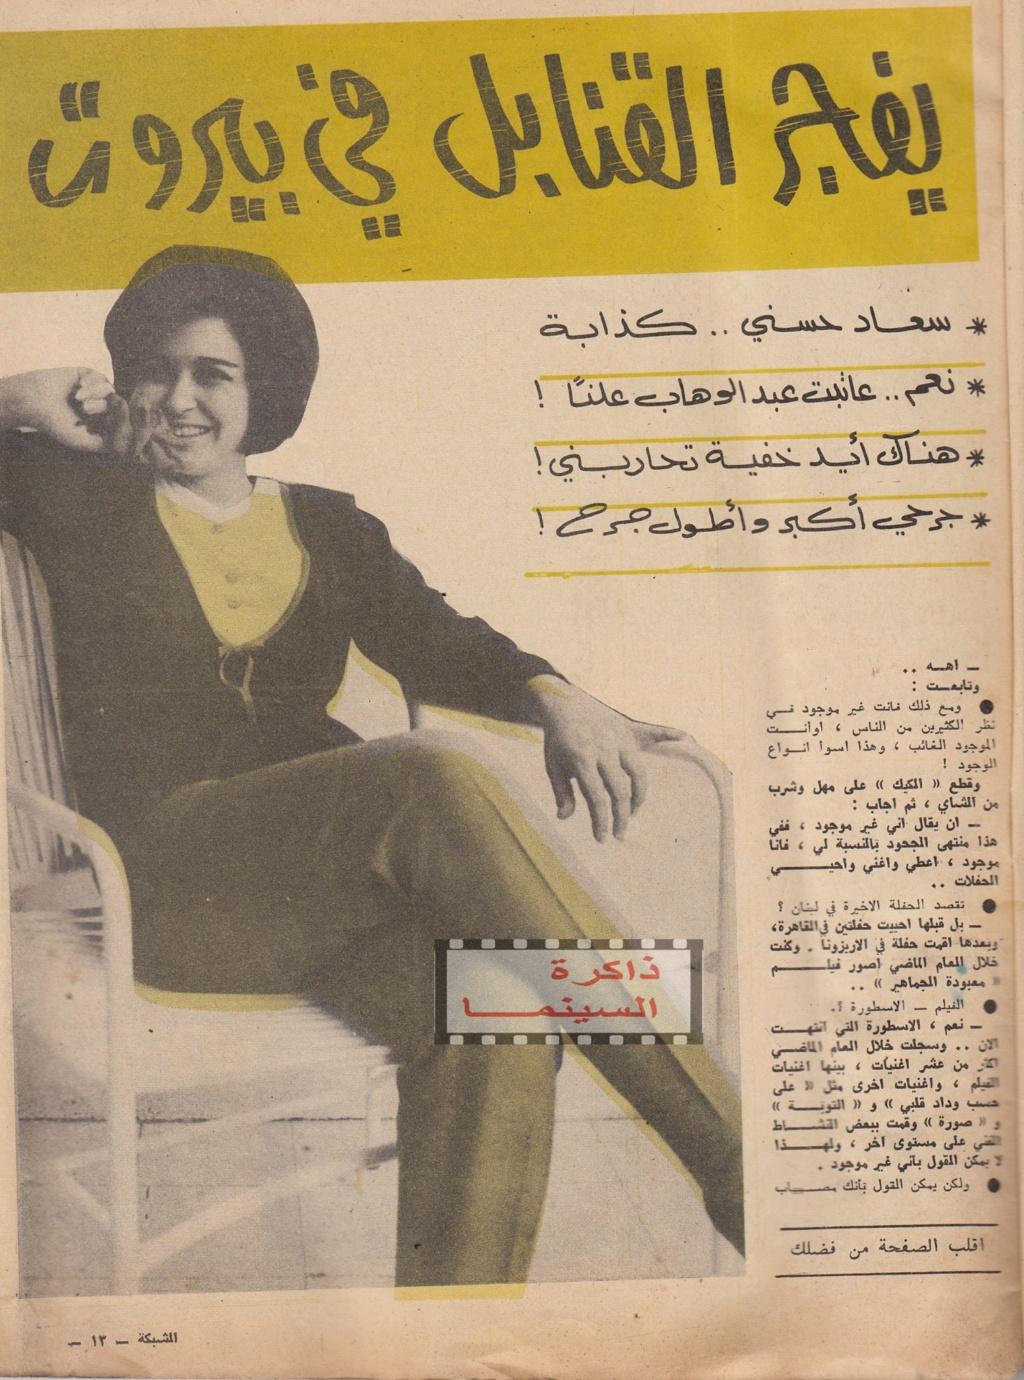 حافظ - حوار صحفي : عبدالحليم حافظ يفجر القنابل في بيروت 1966 م 2310